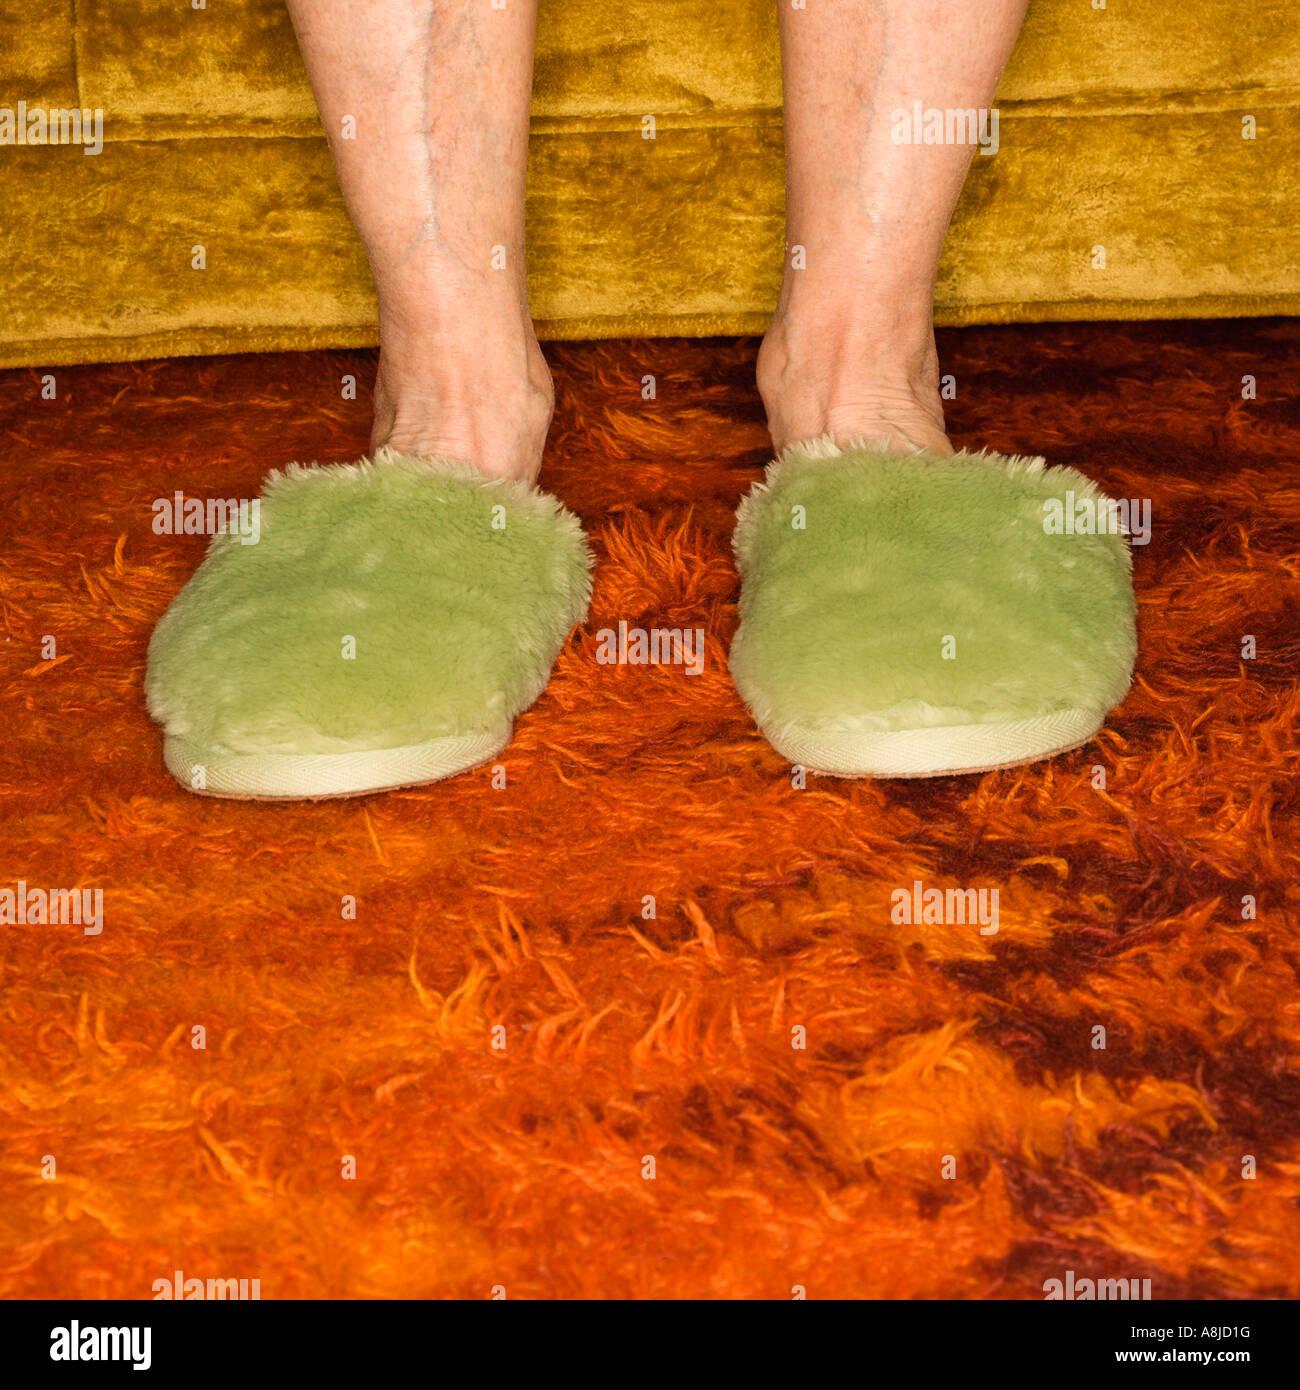 Kaukasische senior weiblicher Füße tragen grüne Pantoffeln auf Teppich Stockbild